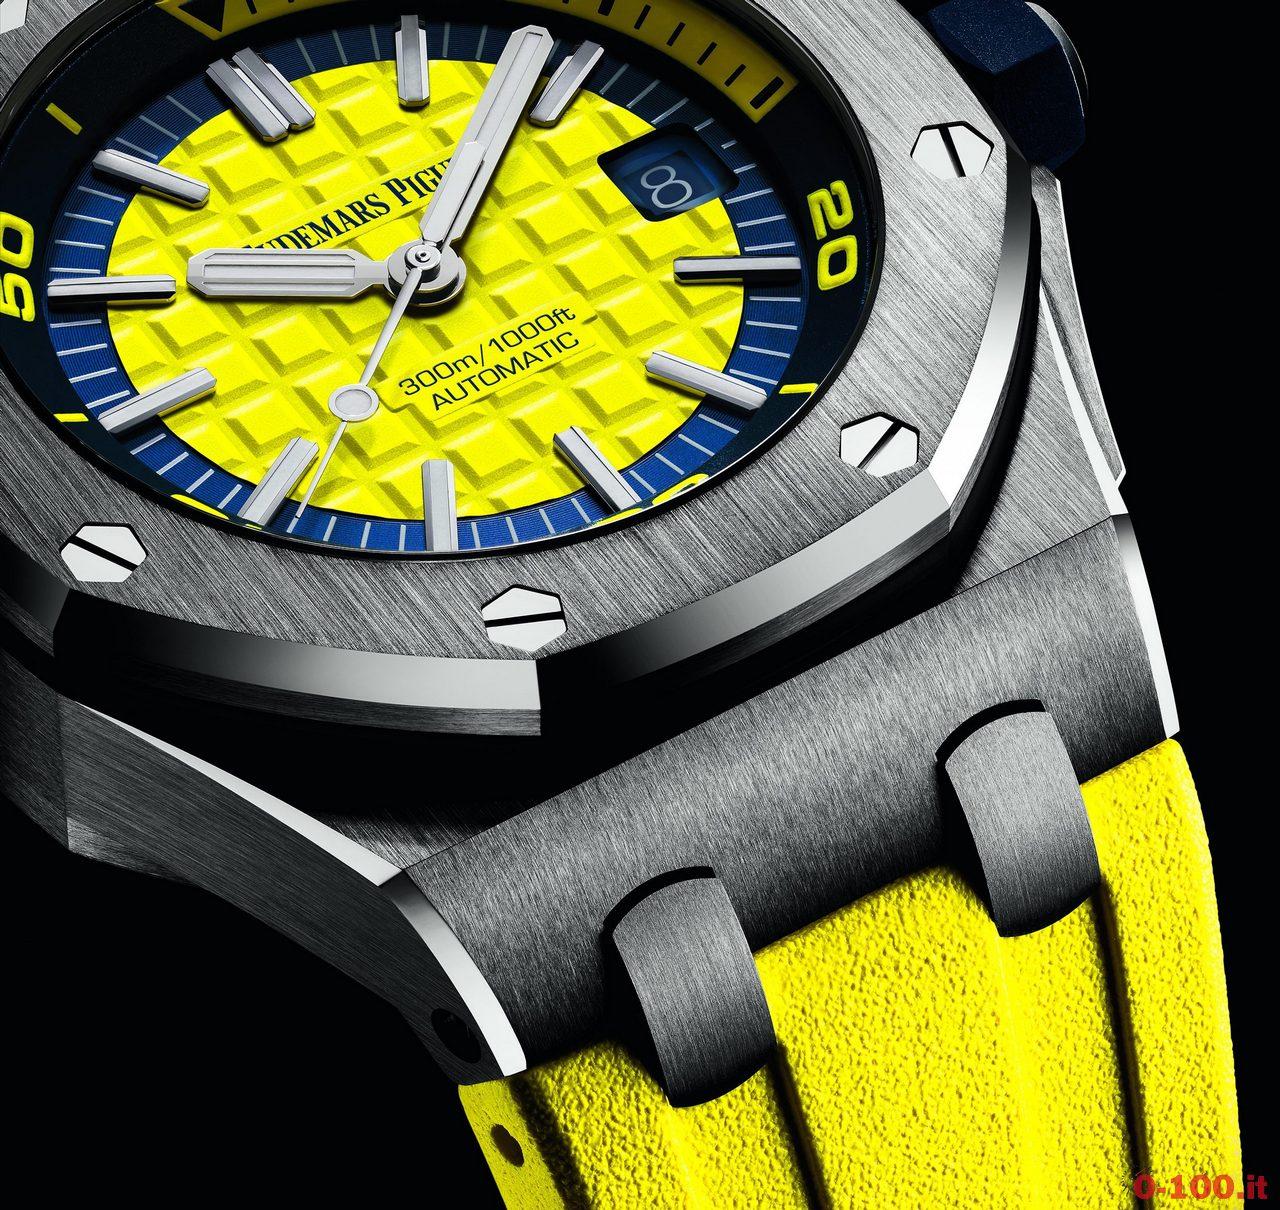 sihh_2017_audemars-piguet-royal-oak-offshore-diver-prezzi-price_0-10010